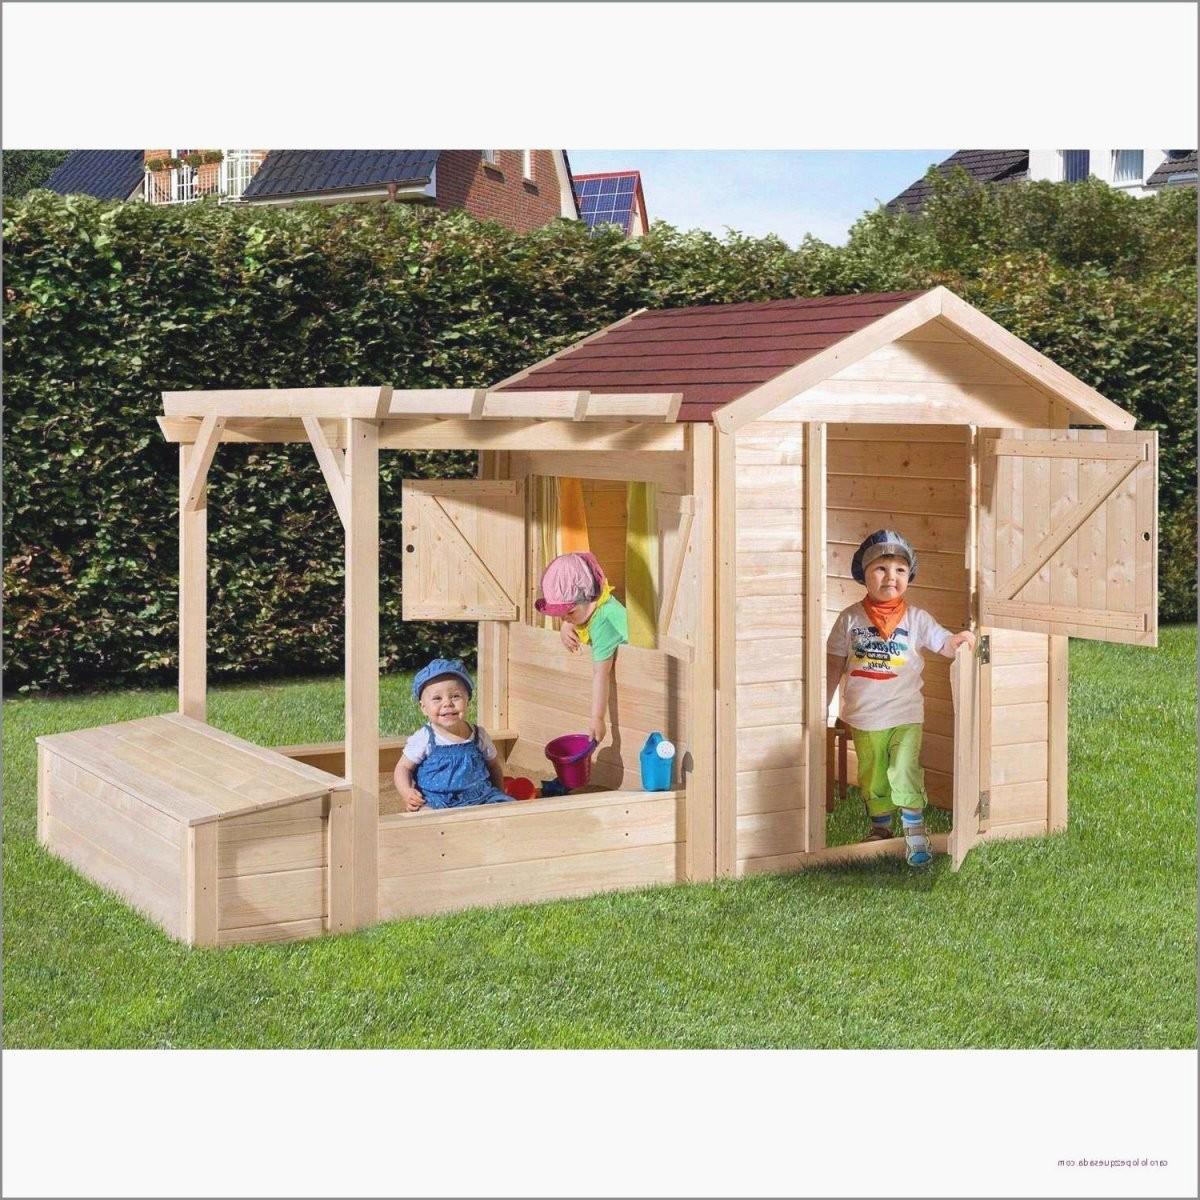 Kinder Holzhaus Selber Bauen Best Ein Haus Bauen Selber Haus Bauen von Kinder Holzhaus Selber Bauen Bild